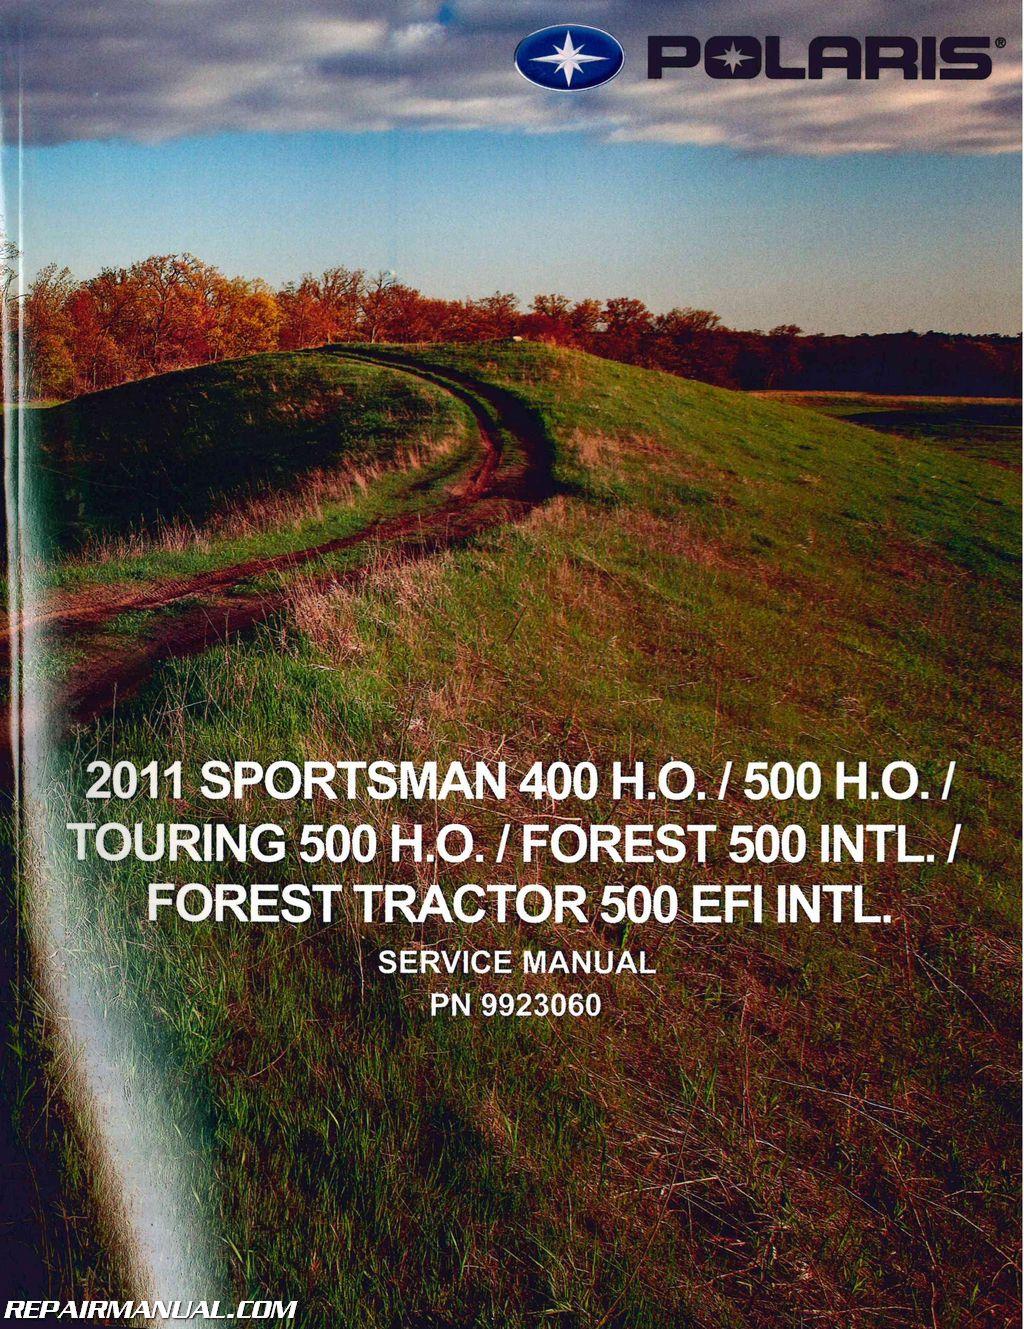 2011 Polaris Sportsman 400 Wiring Diagram Photo Album Diagrams